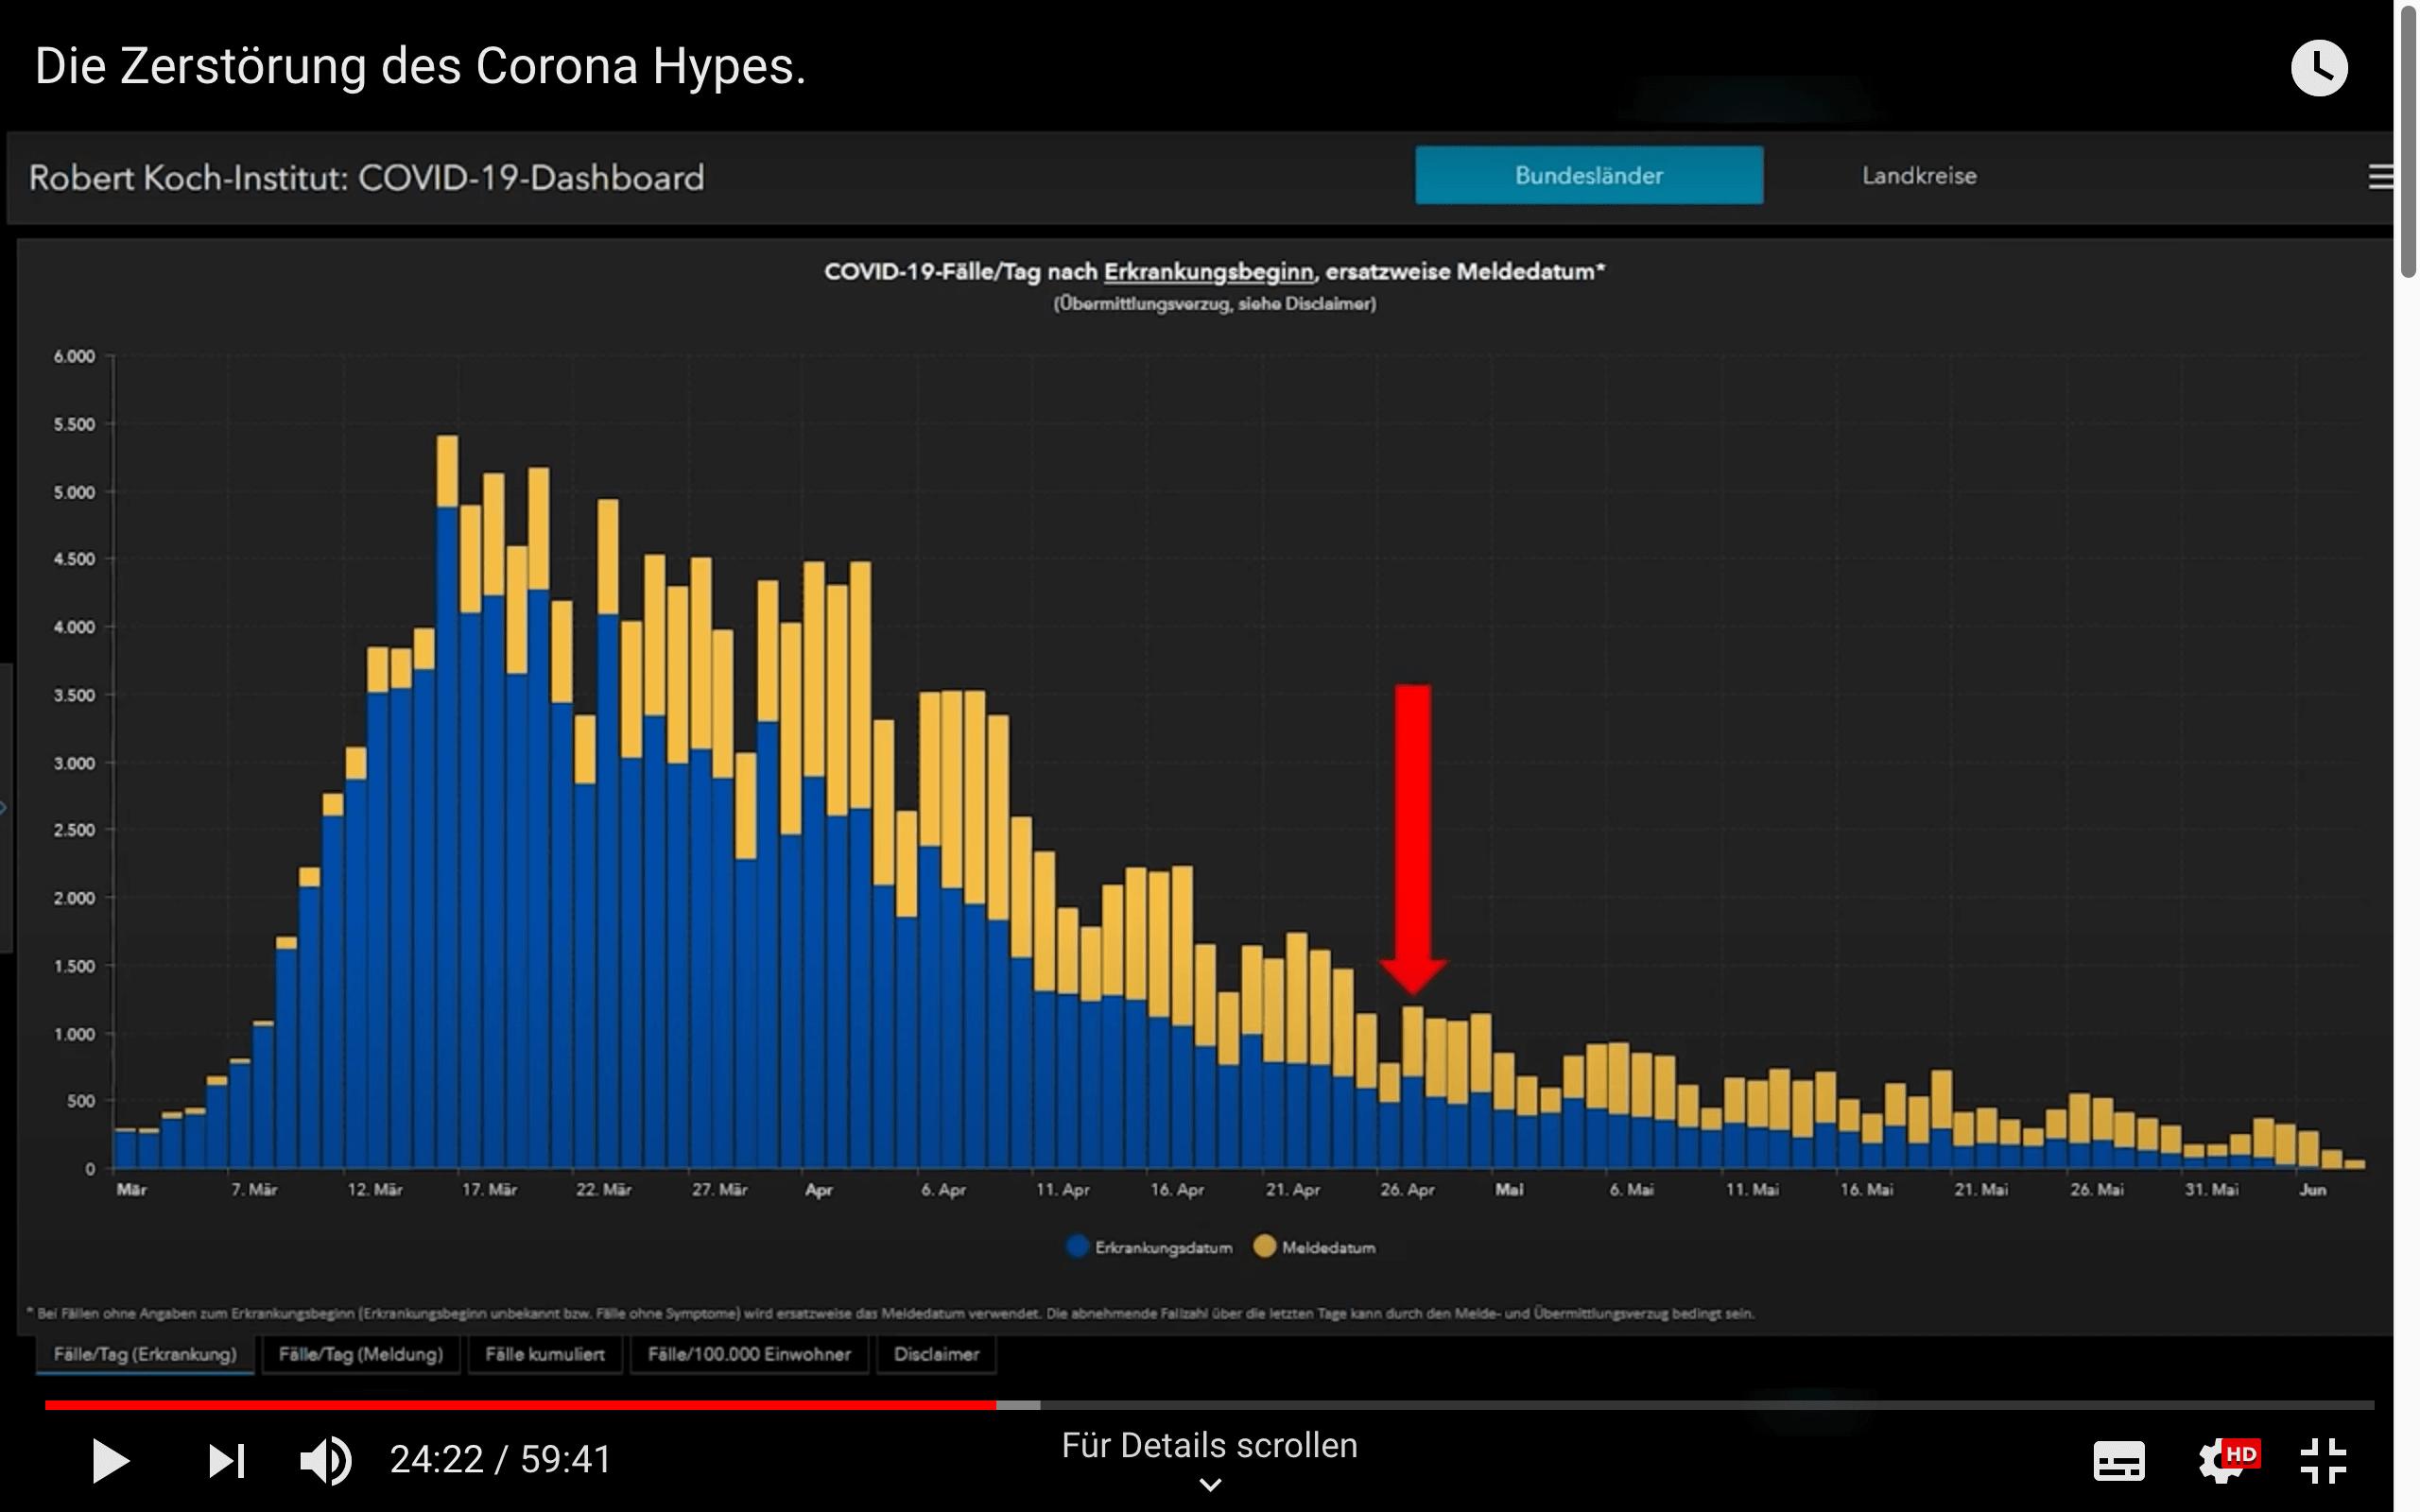 Der rote Pfeil im Diagramm zeigt auf den Tag an dem die Corona-Maßnahmen in Kraft traten. Das Diagramm soll beweisen, dass die Maßnahmen keine Auswirkungen gehabt hätten. Doch das tut es jedoch nicht.